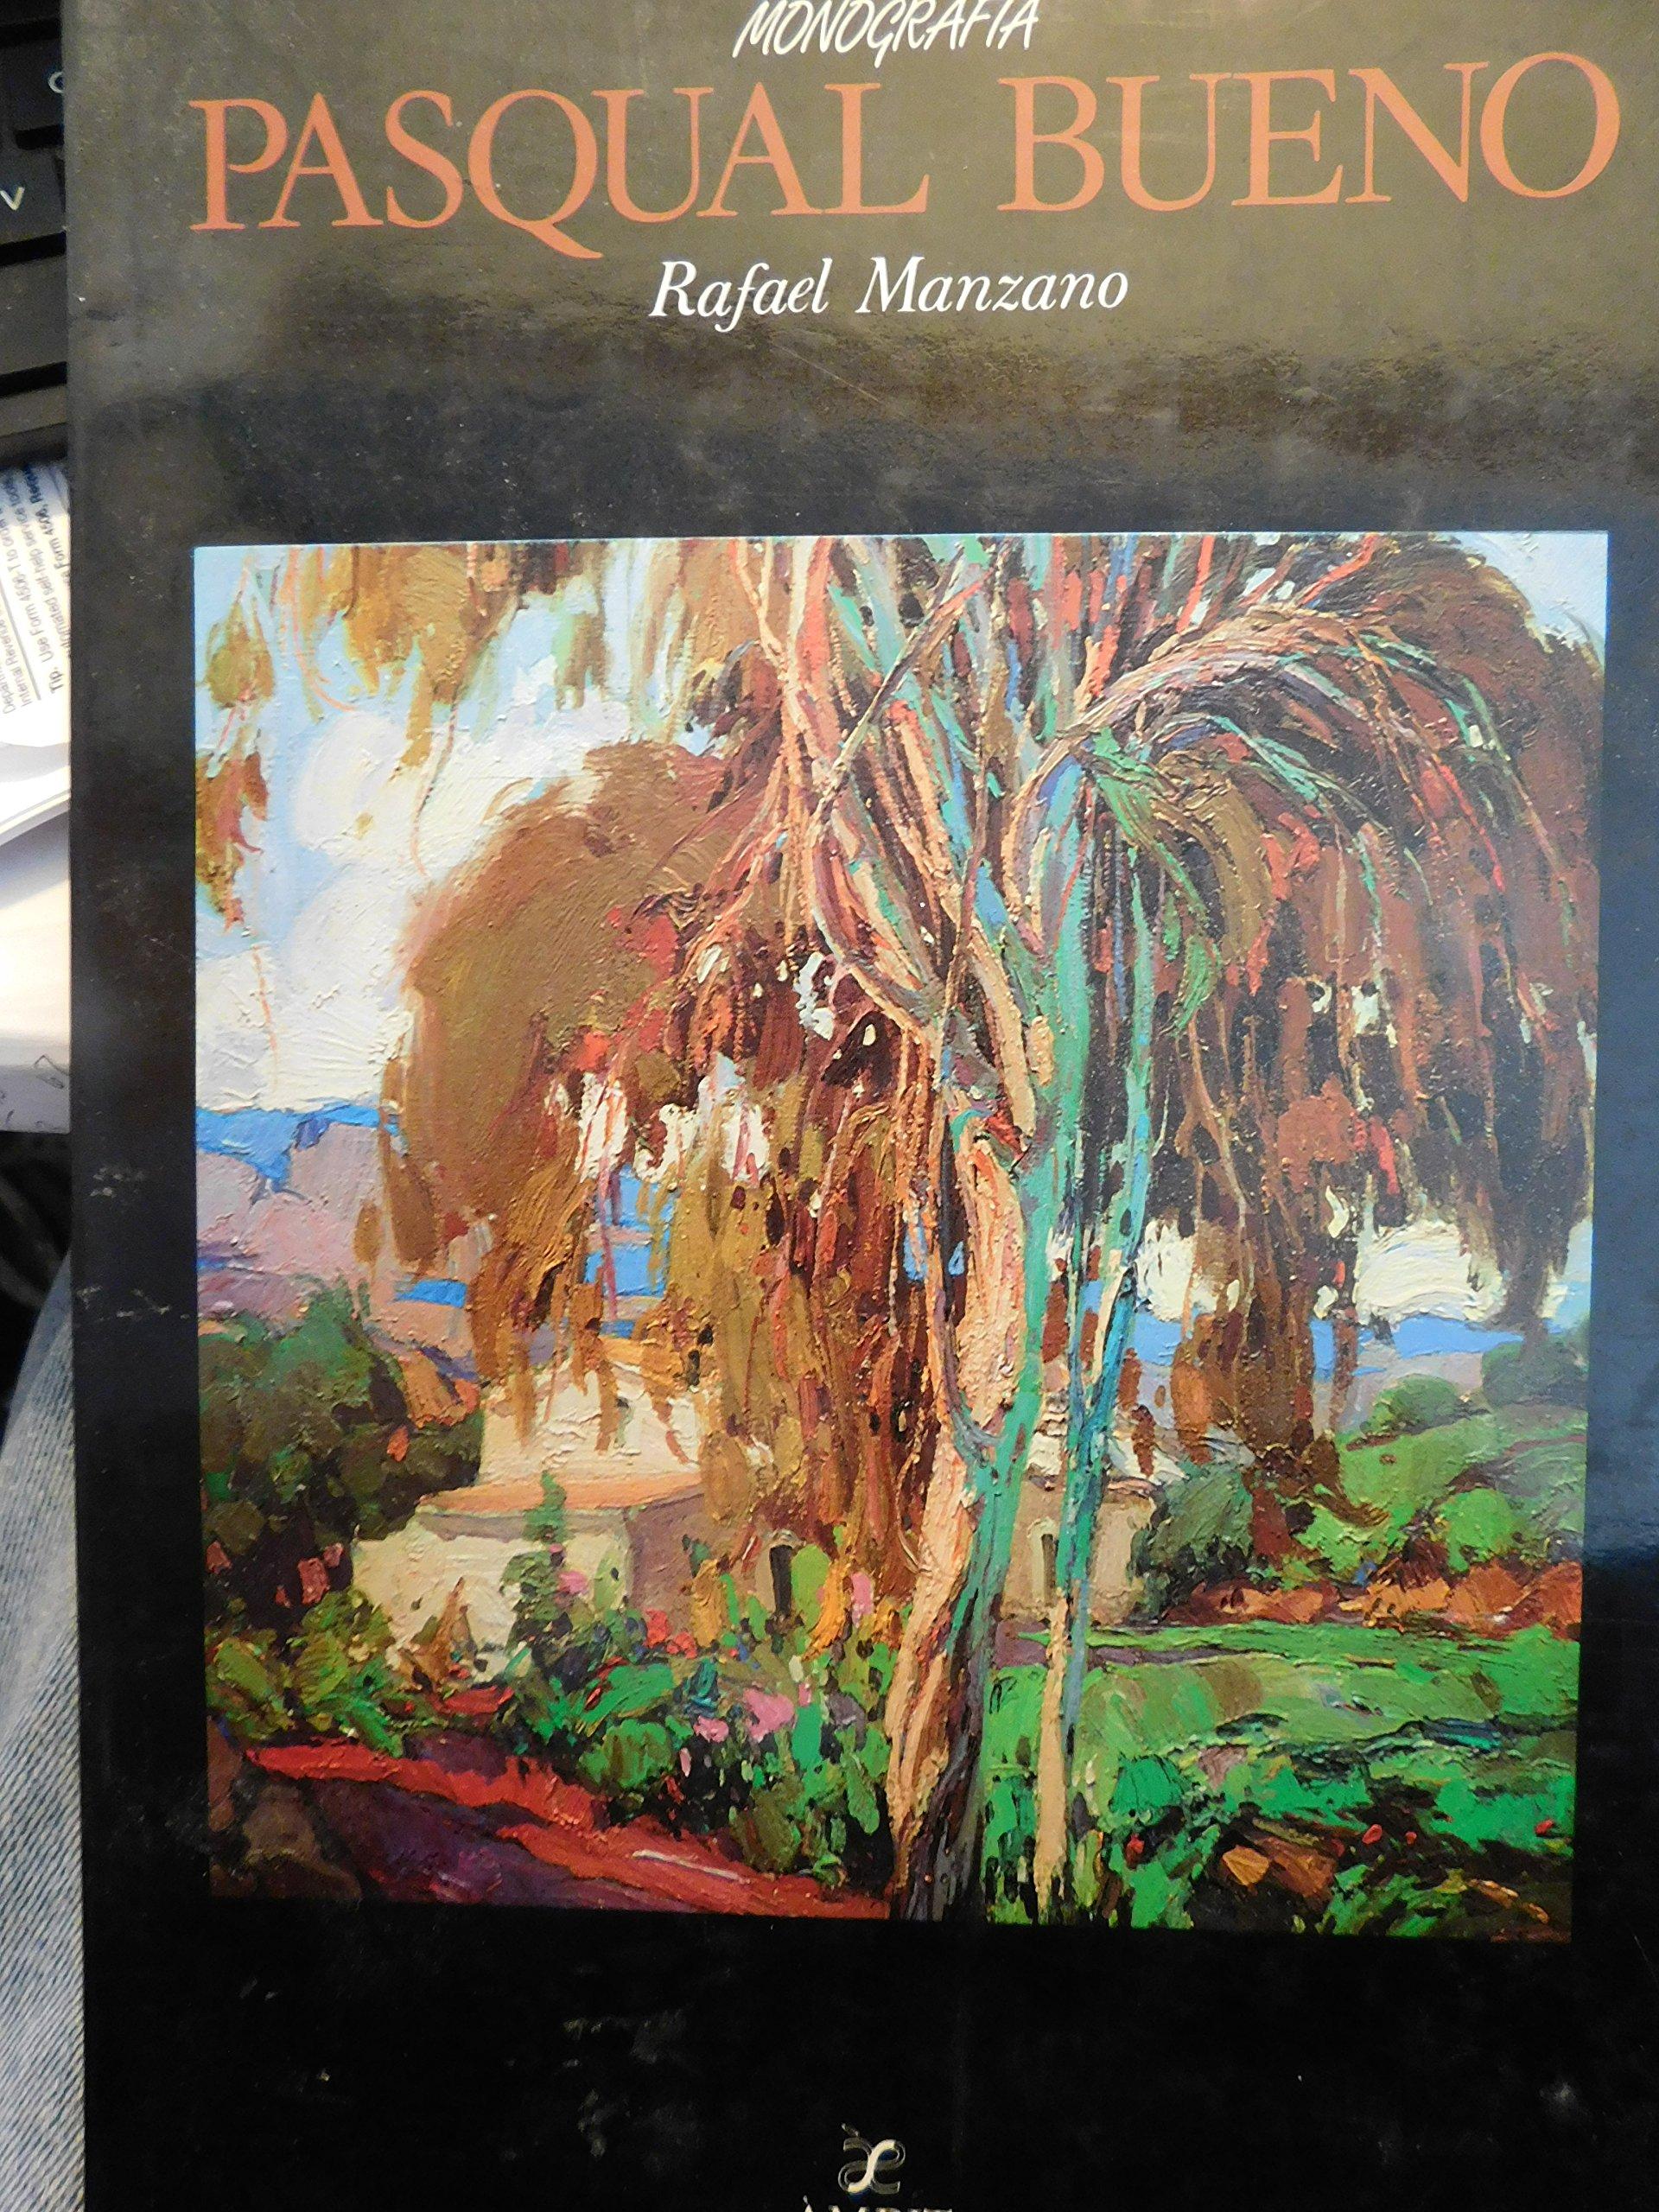 Pasqual Bueno (Monografia) (Catalan Edition): Rafael Manzano